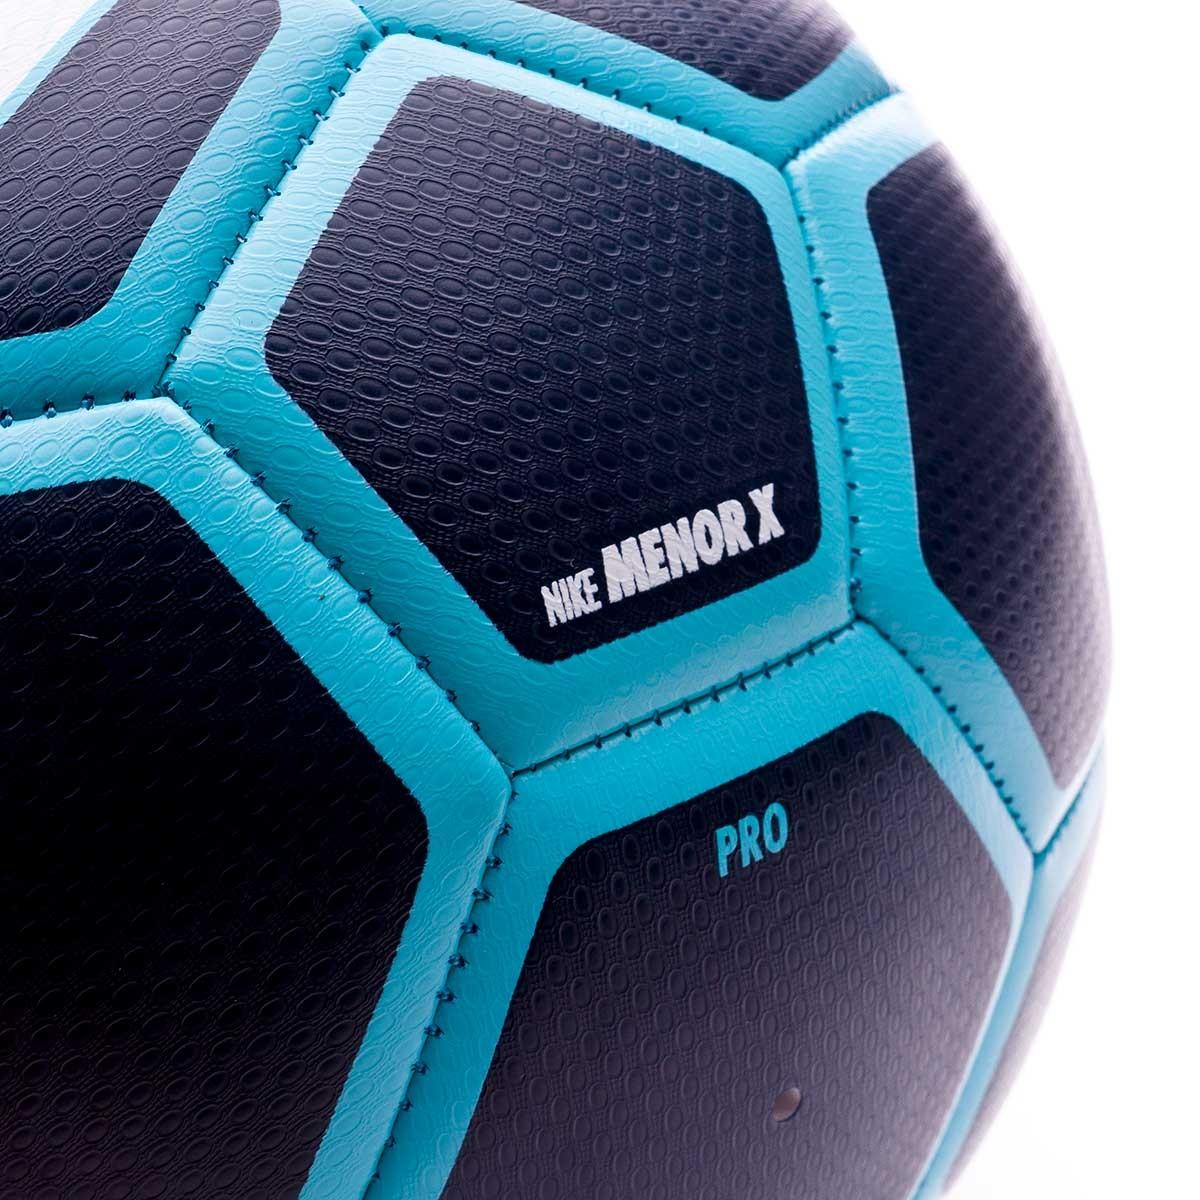 63db5424c Ball Nike Menor FootballX Obsidian-Gamma blue-White - Leaked soccer